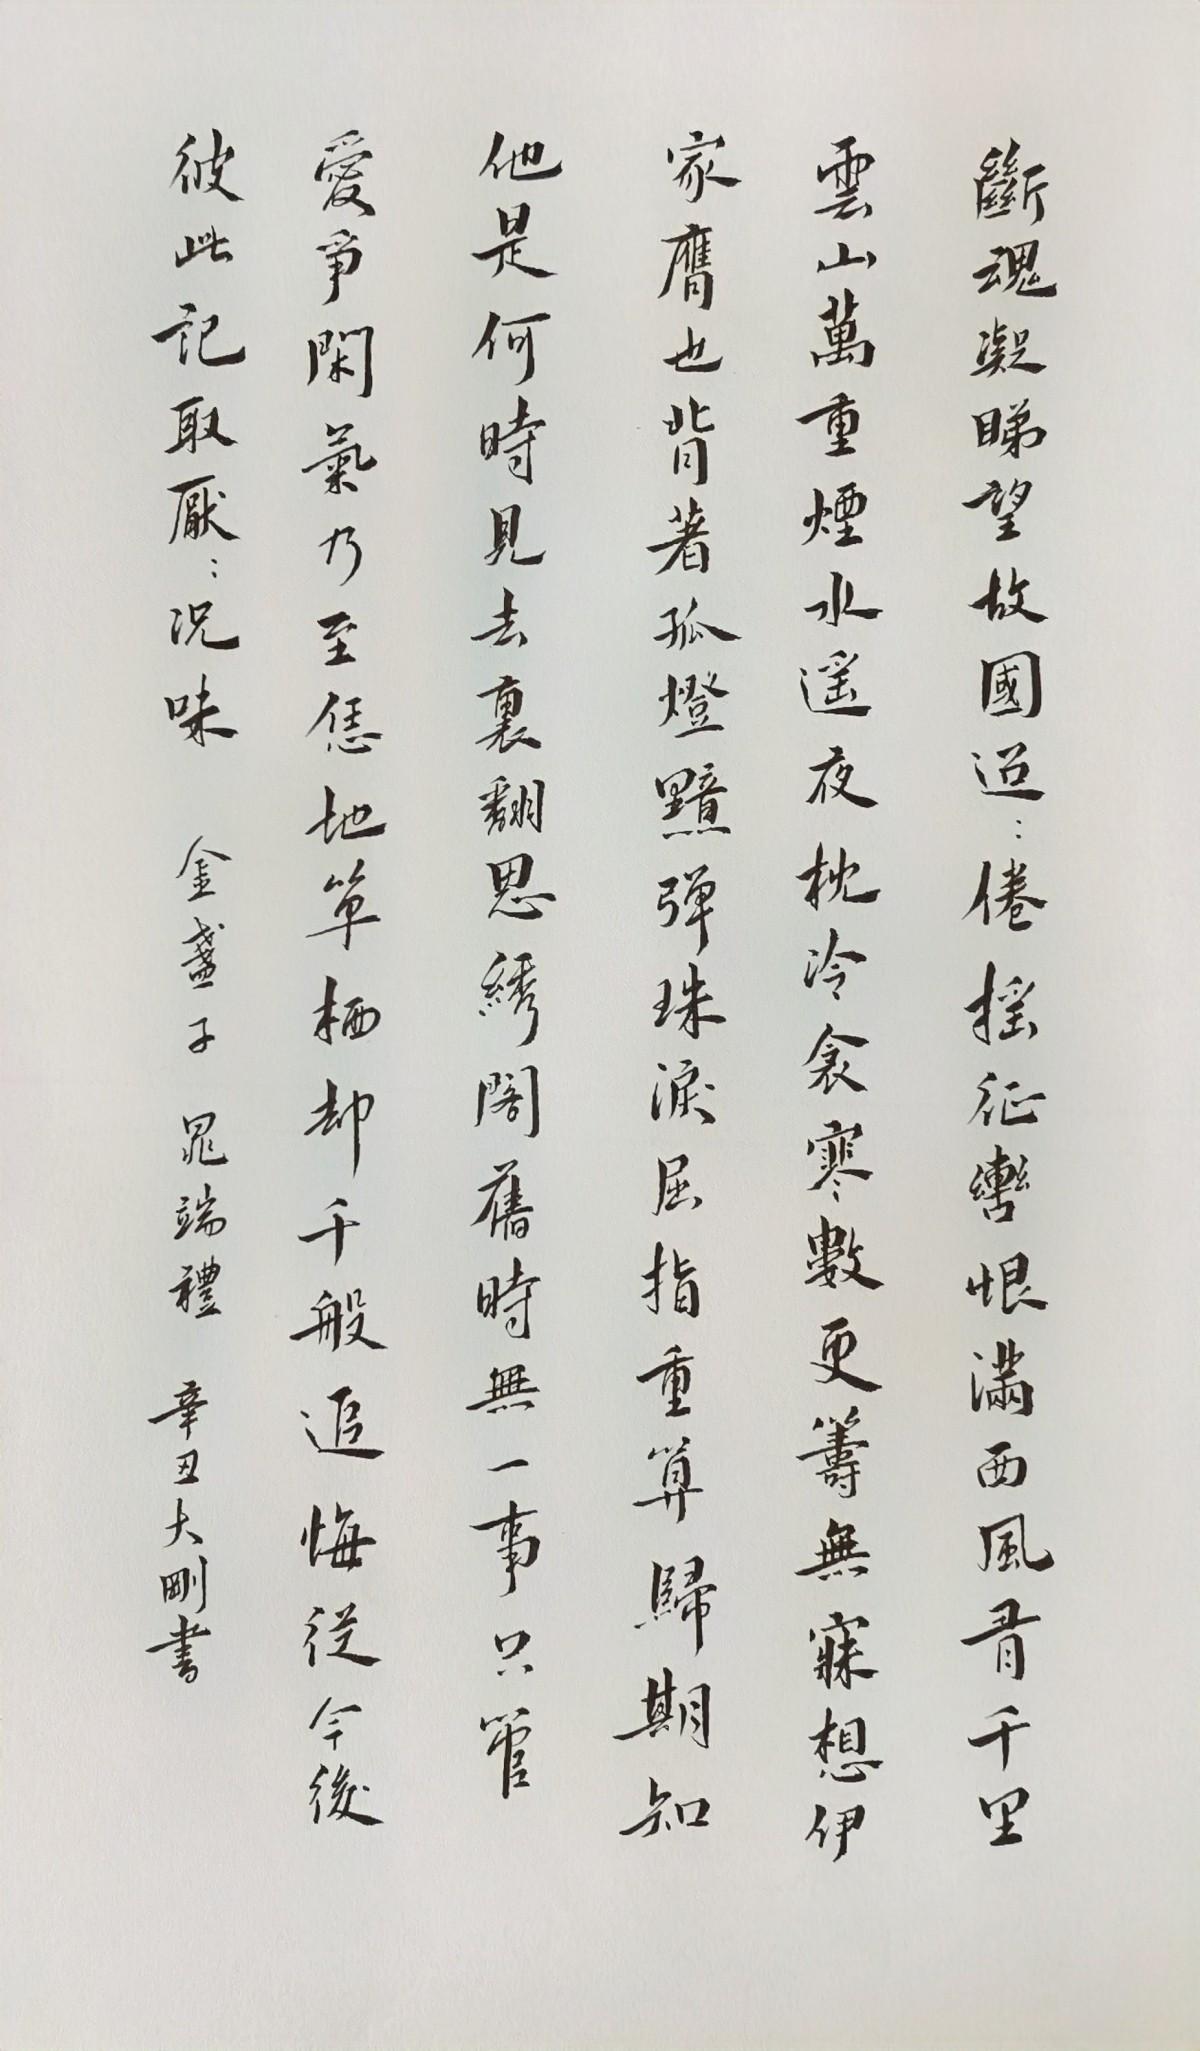 钢笔书法练字打卡20210727-24